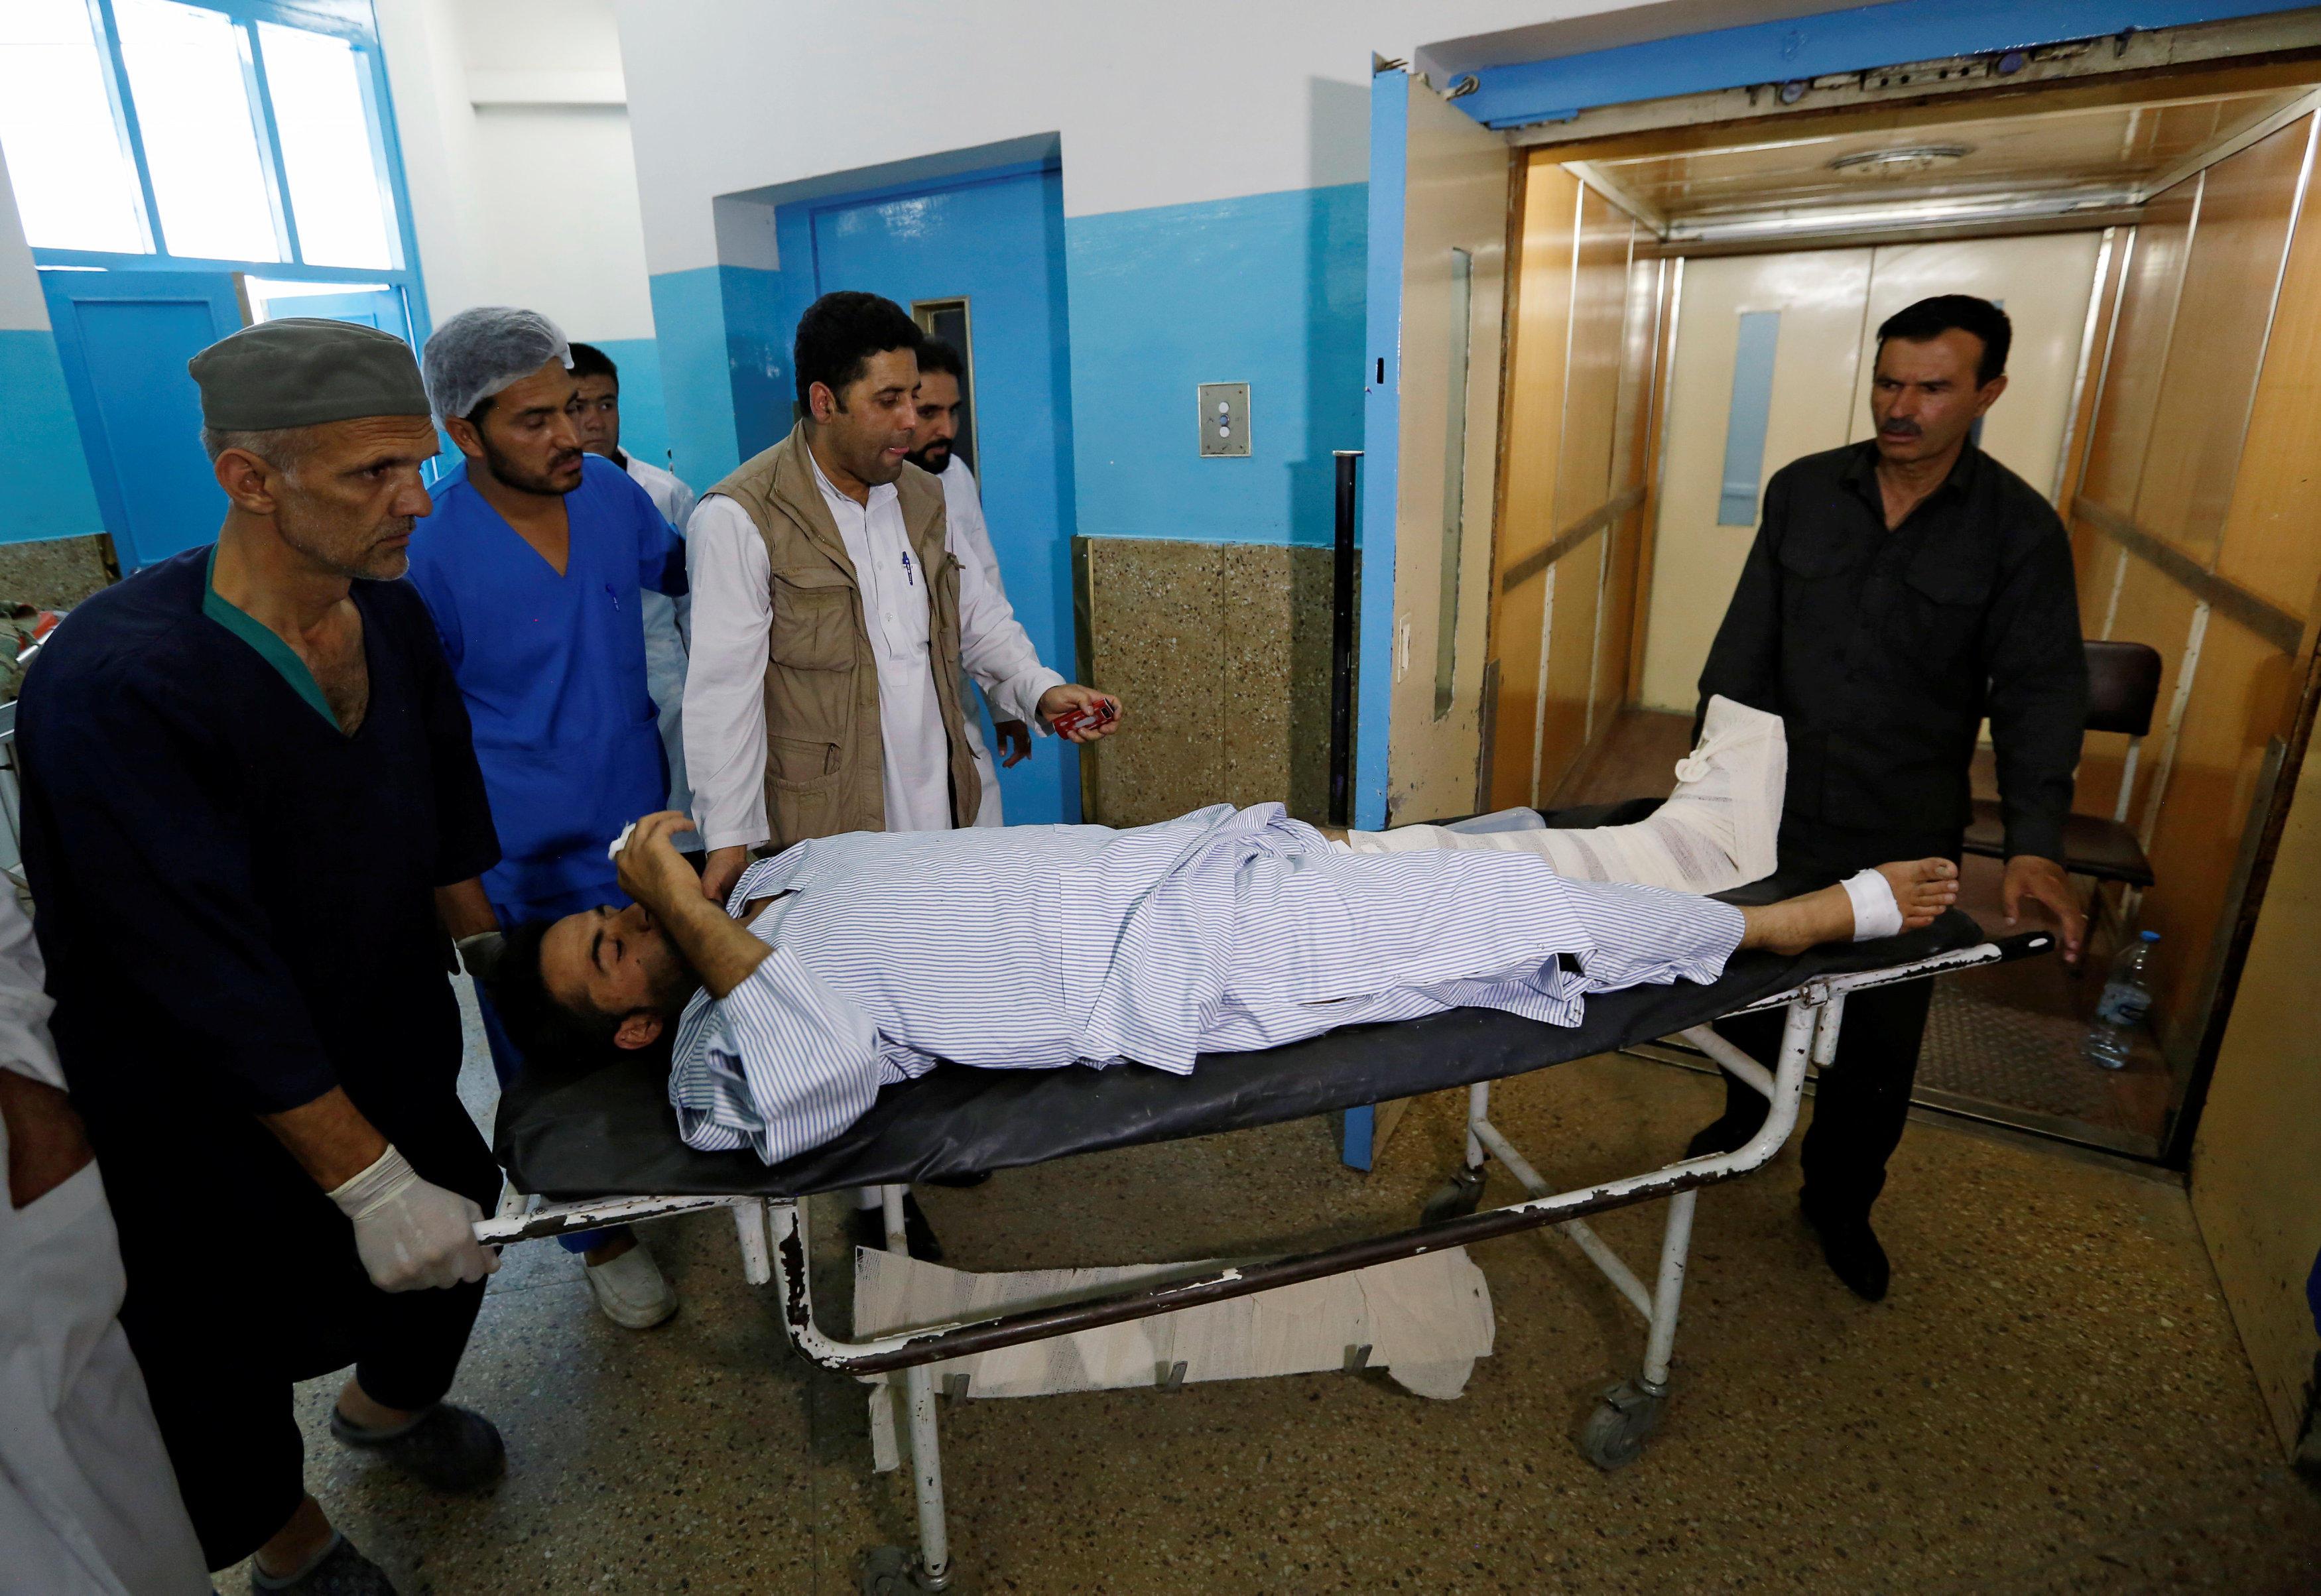 Suicide blast kills at least 5 near bank, U.S. embassy - CBS News